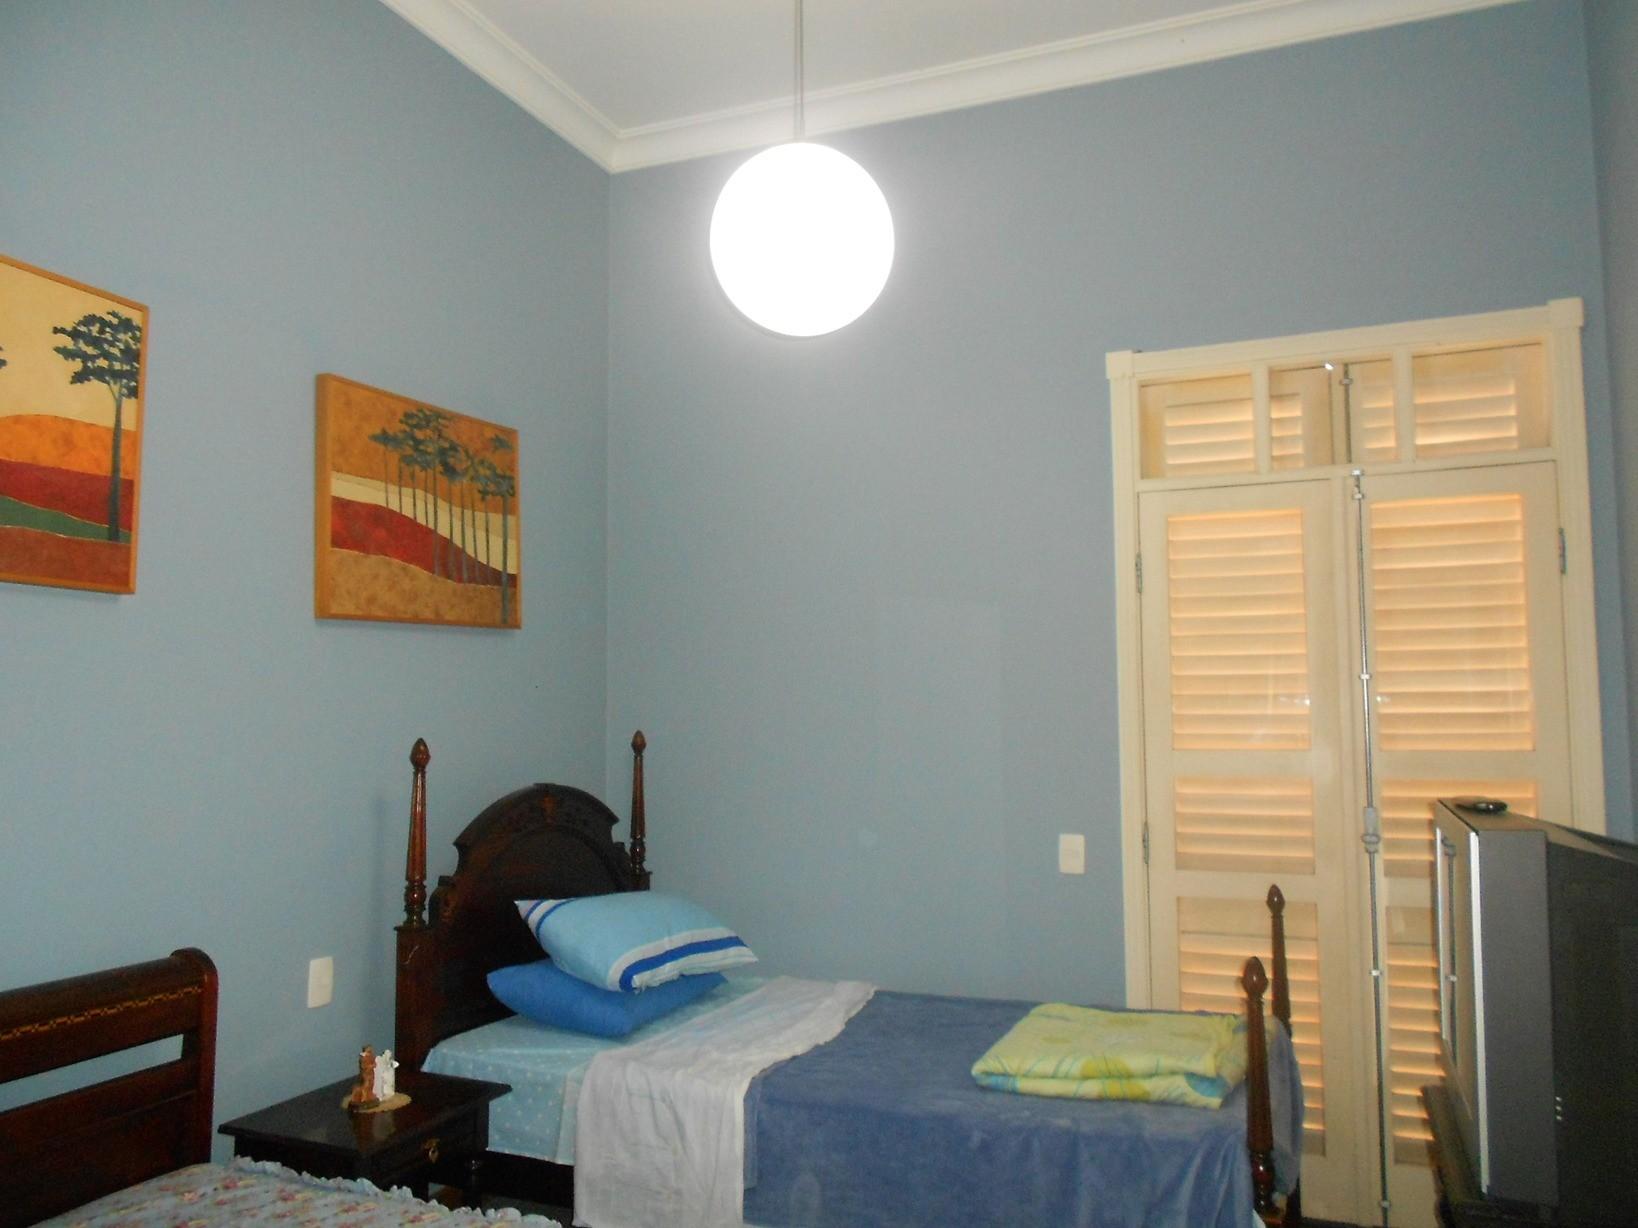 Sobrado de 4 dormitórios em Bairro Alphaville, Campinas - SP